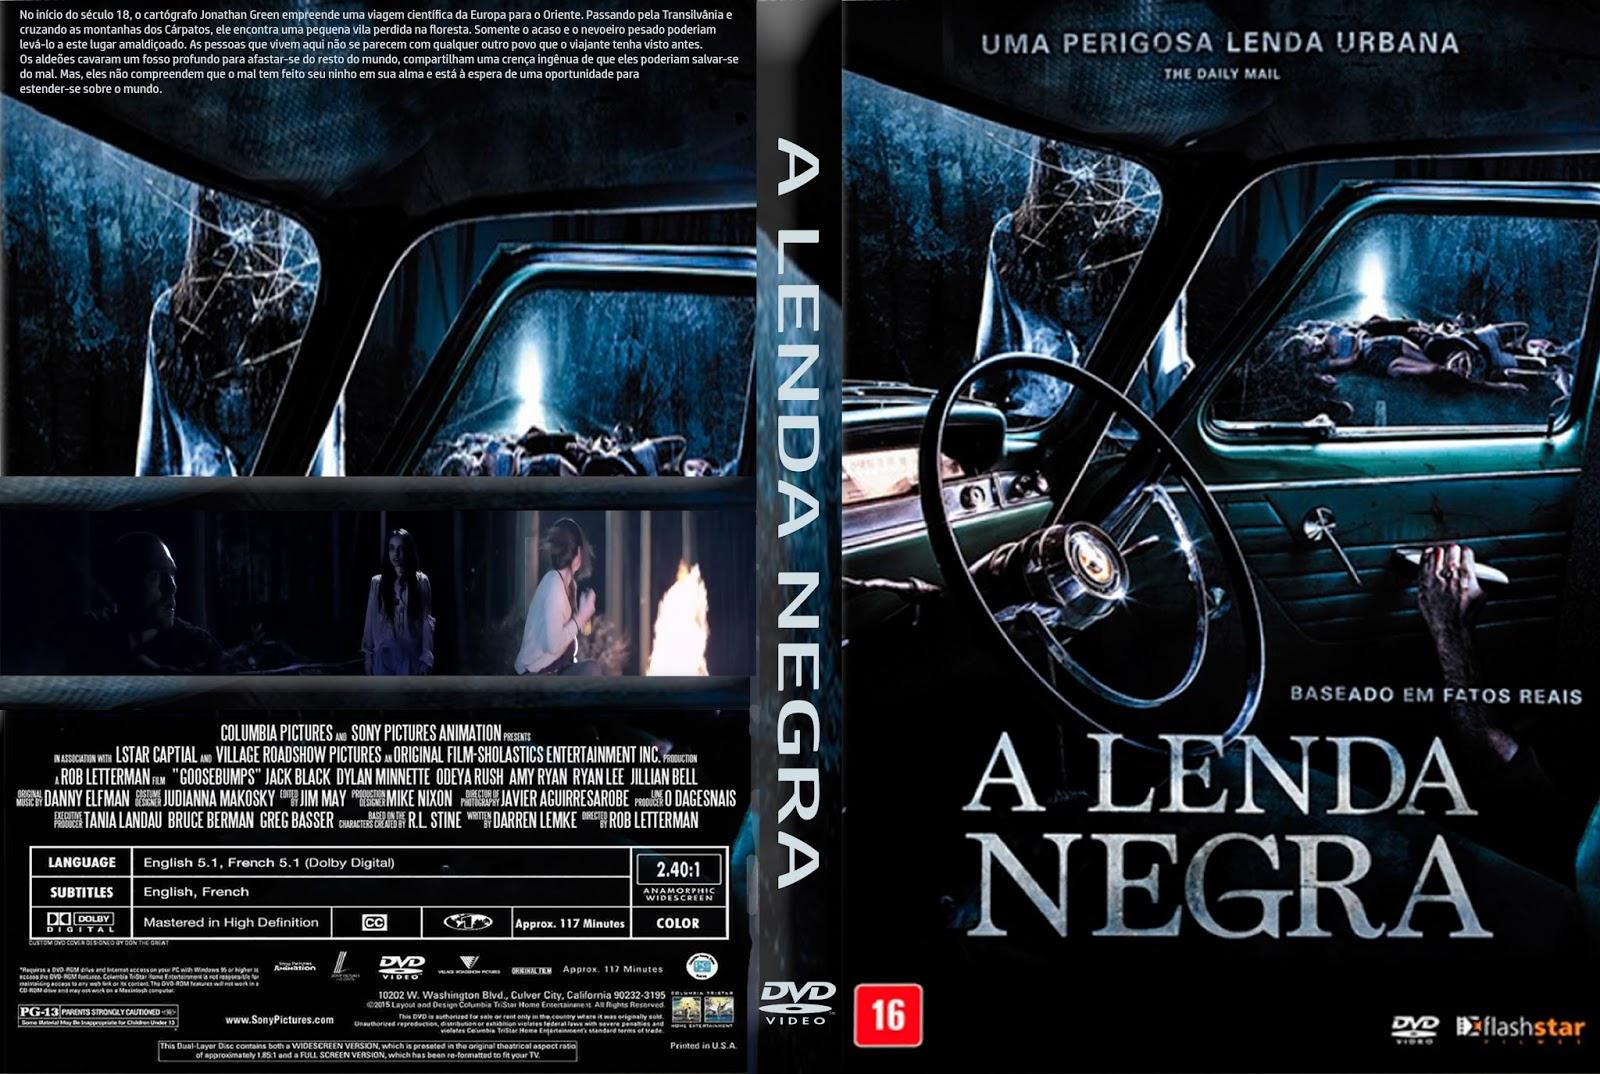 Download A Lenda Negra DVD-R A 2BLenda 2BNegra